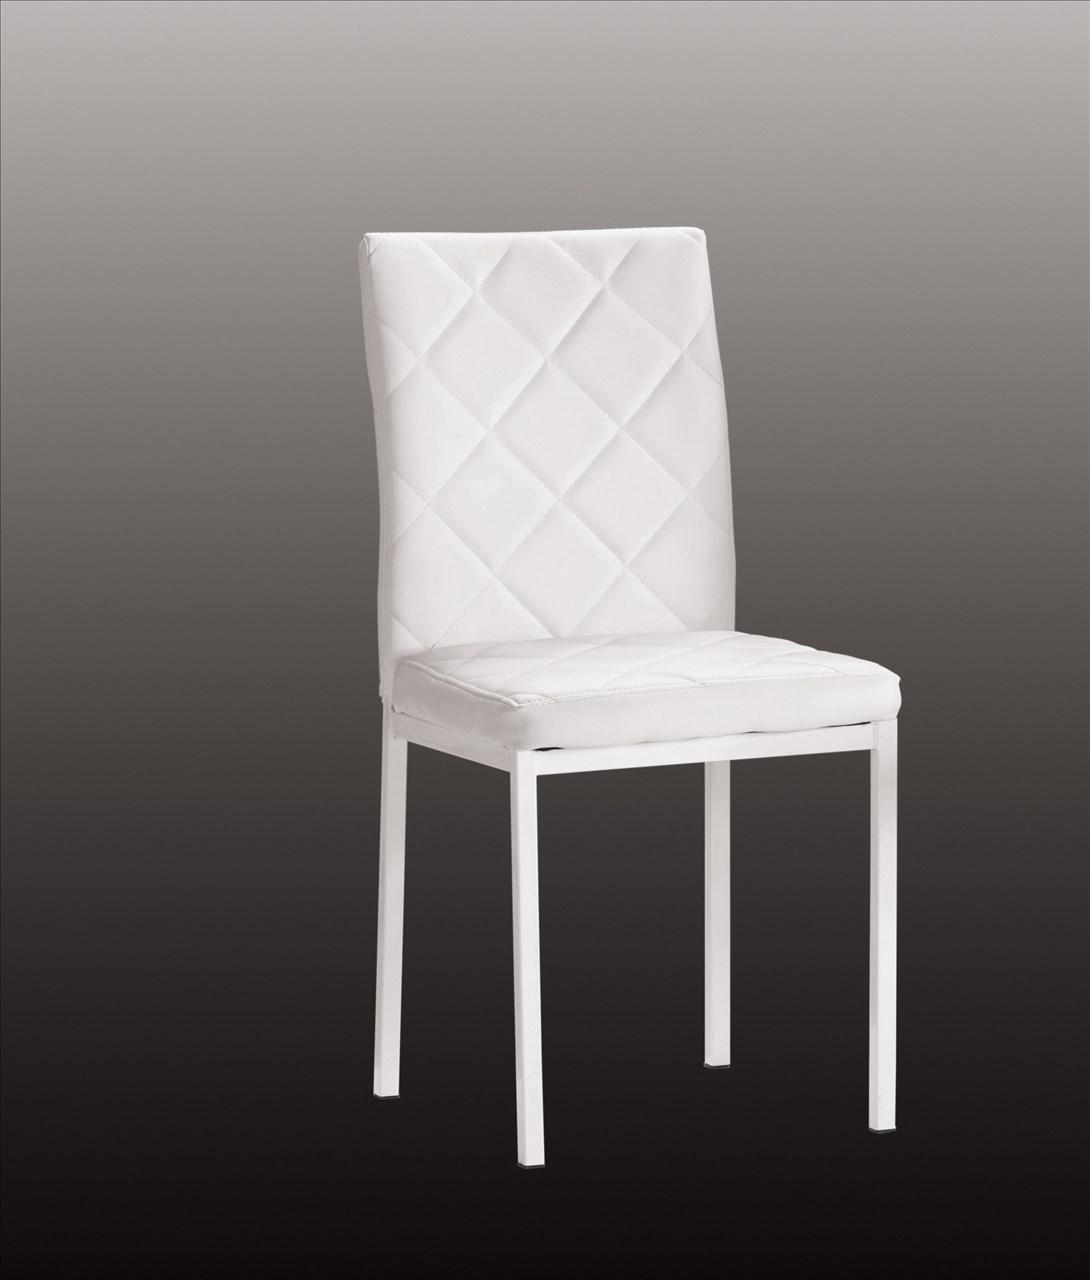 【石川家居】CM-490-2 喬治餐椅(白皮)─單只 (不含其他商品) 台中以北搭配車趟免運